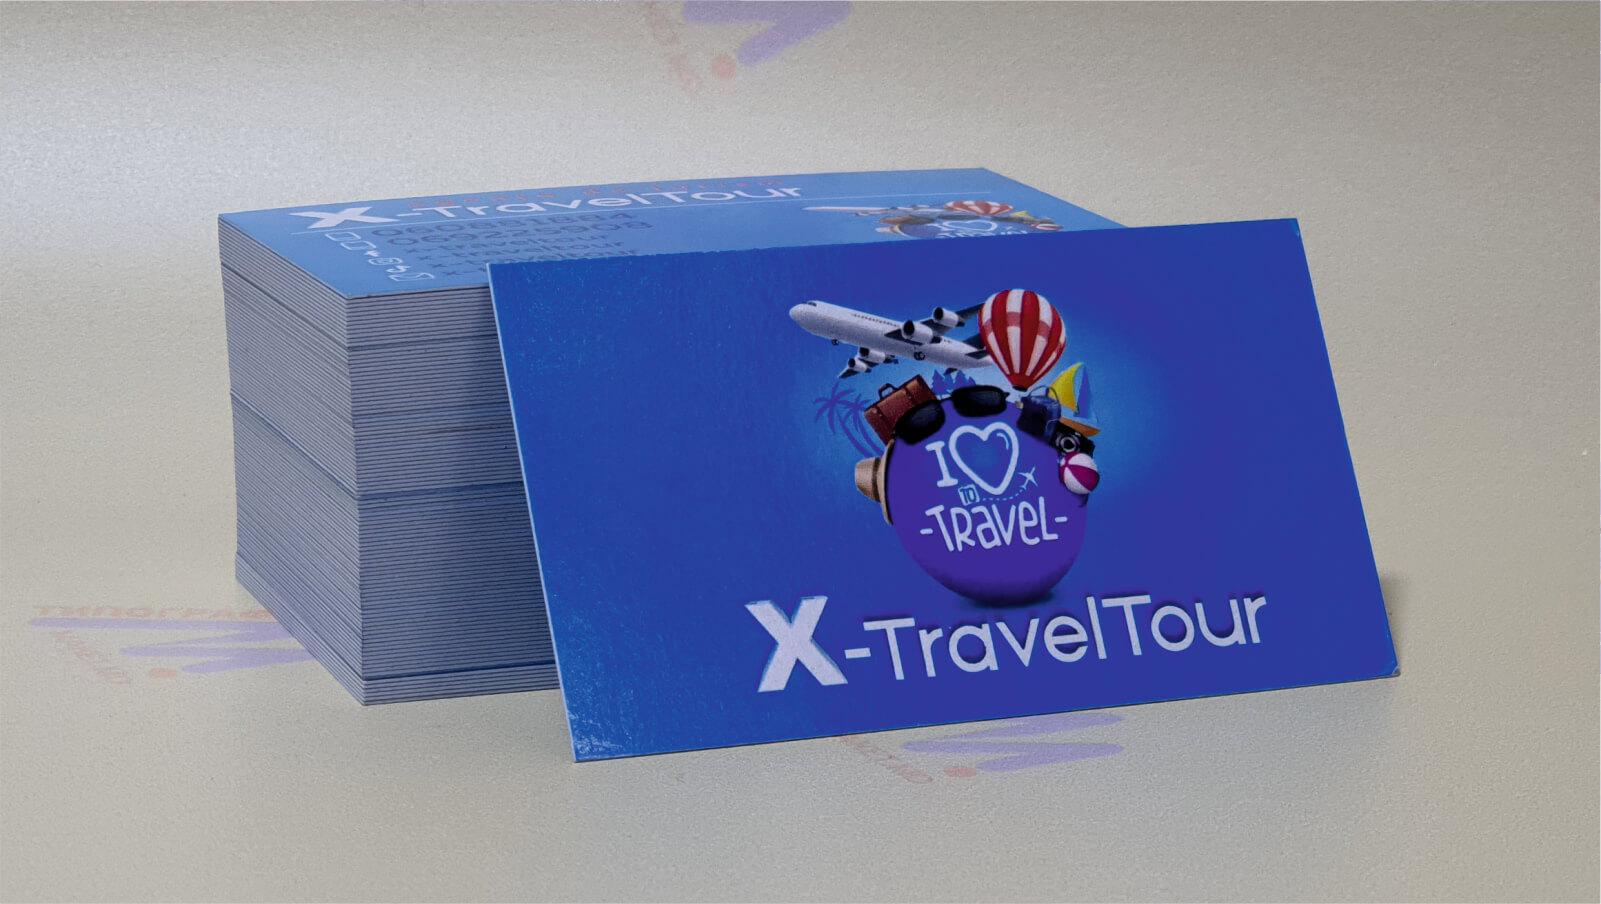 визитки для туристической фирмы синие фото 20